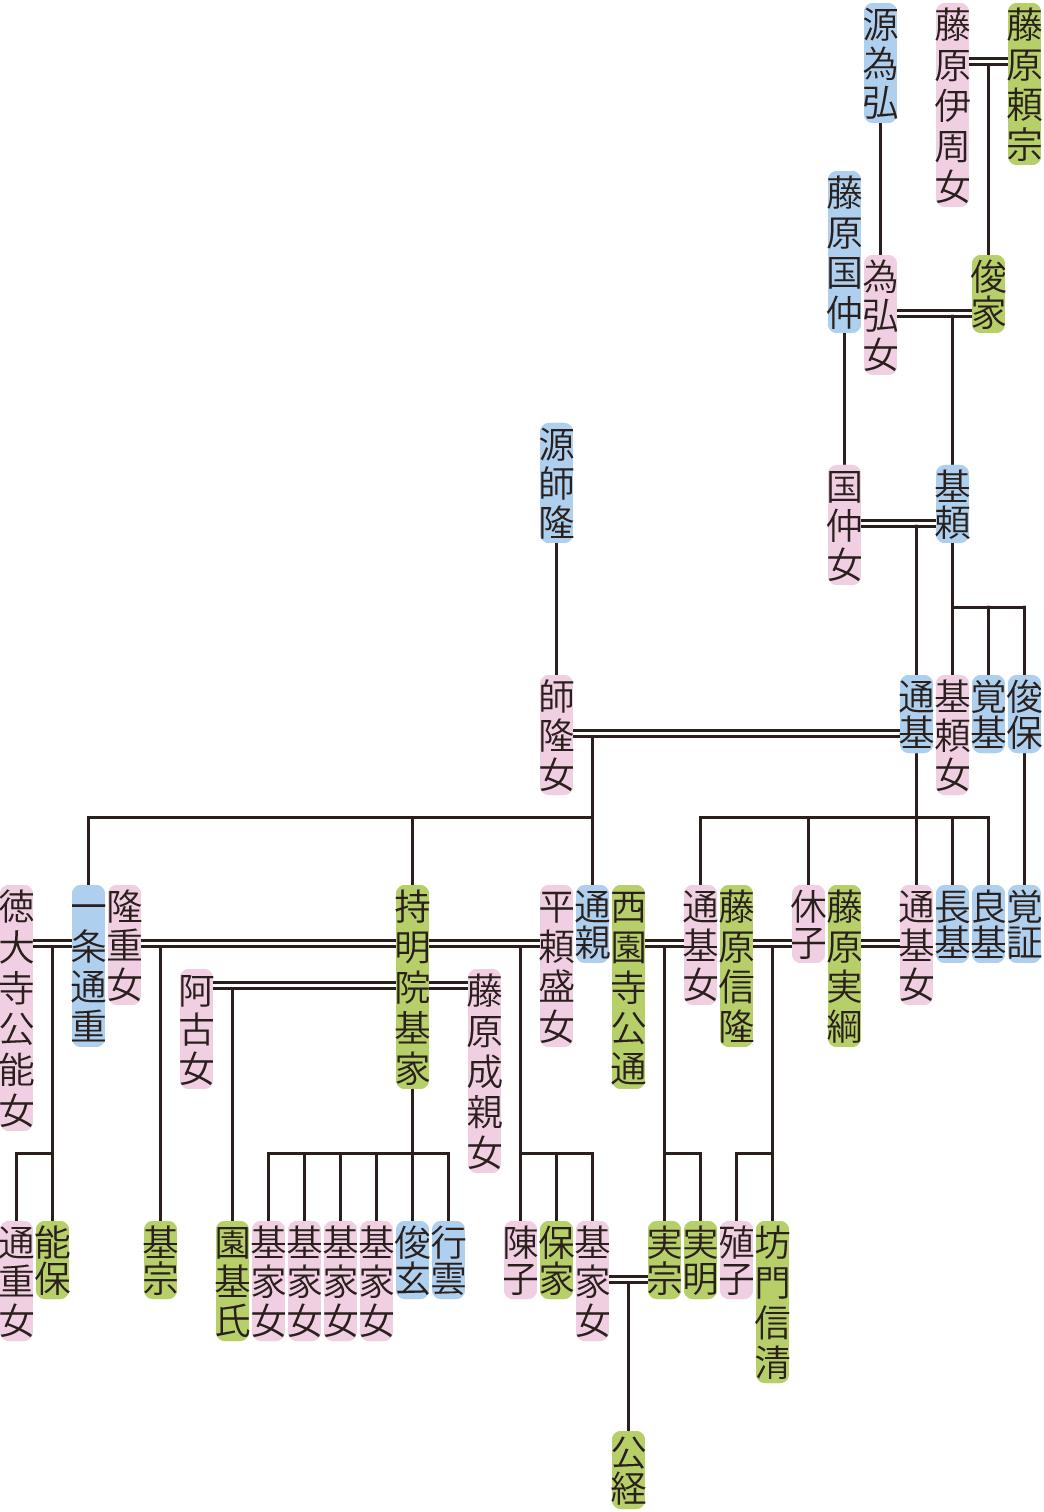 藤原基頼・通基の系図